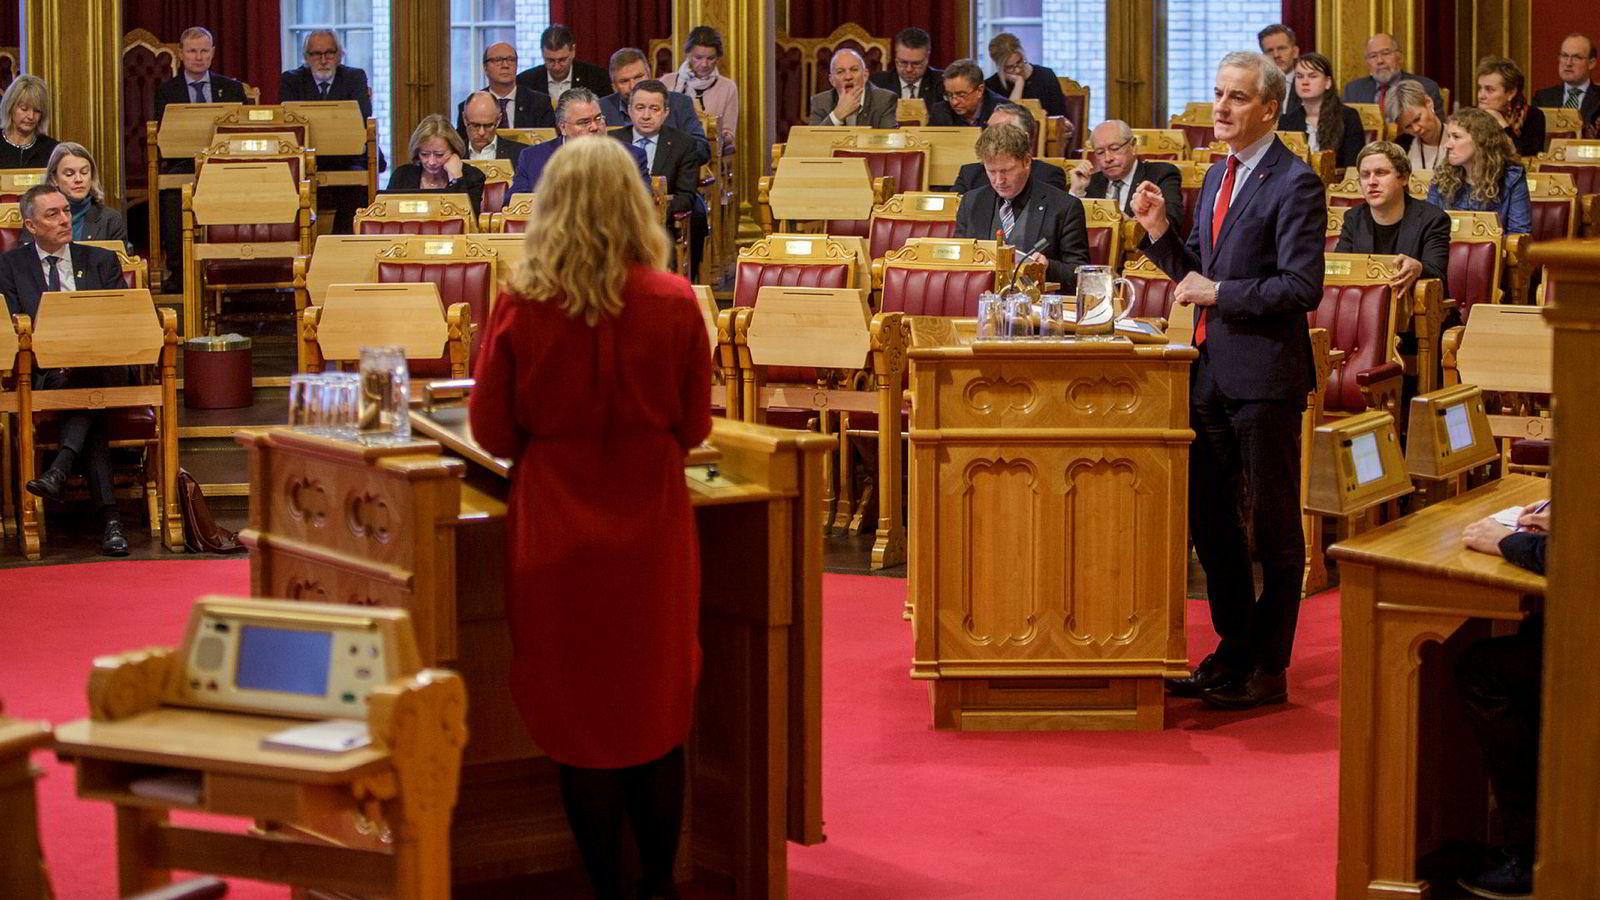 Ap-leder Jonas Gahr Støre beskylder regjeringen for å bevege seg bort fra arbeidslinjen. Arbeids- og sosialminister Anniken Hauglie (til venstre) svarer at Støre møter seg selv i døren.